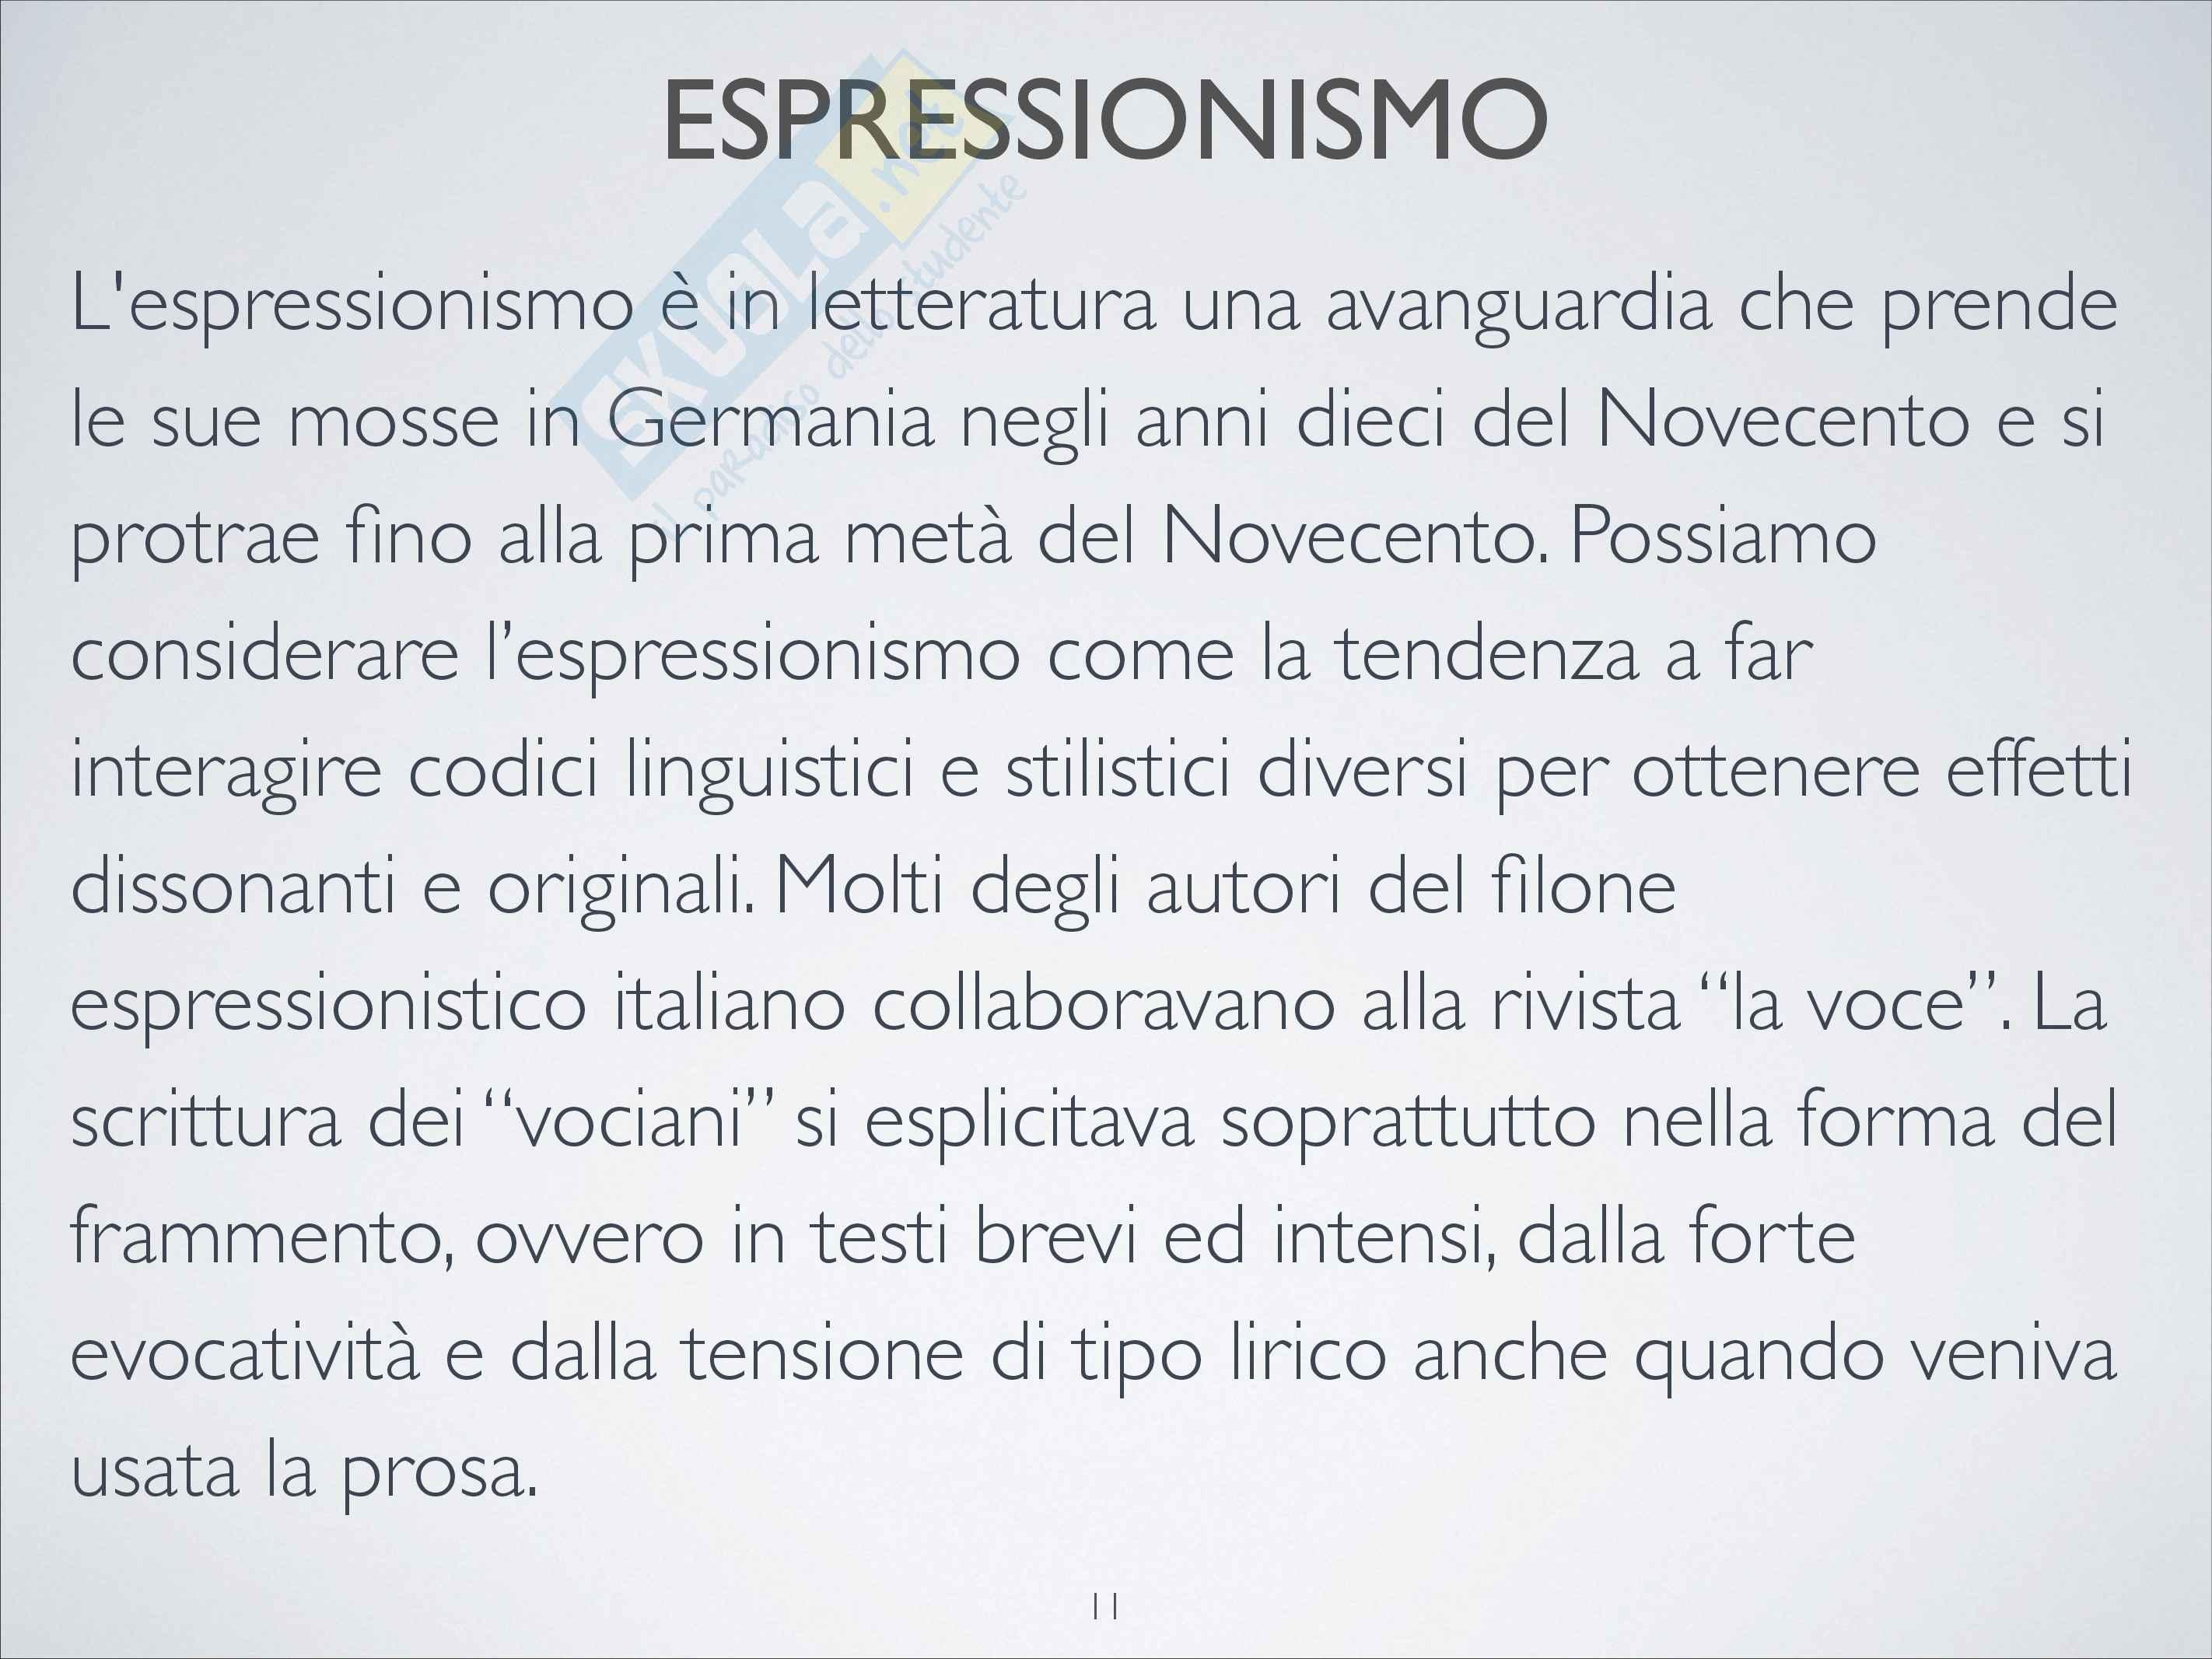 Riassunto esame Letteratura italiana contemporanea, prof. Tomasello Pag. 11